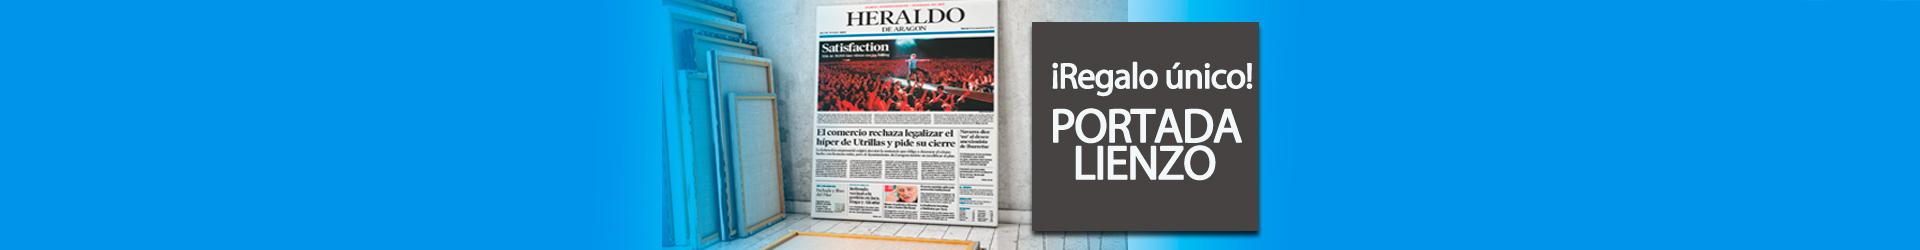 Regala la portada de su día en Lienzo Tienda Heraldo de Aragón